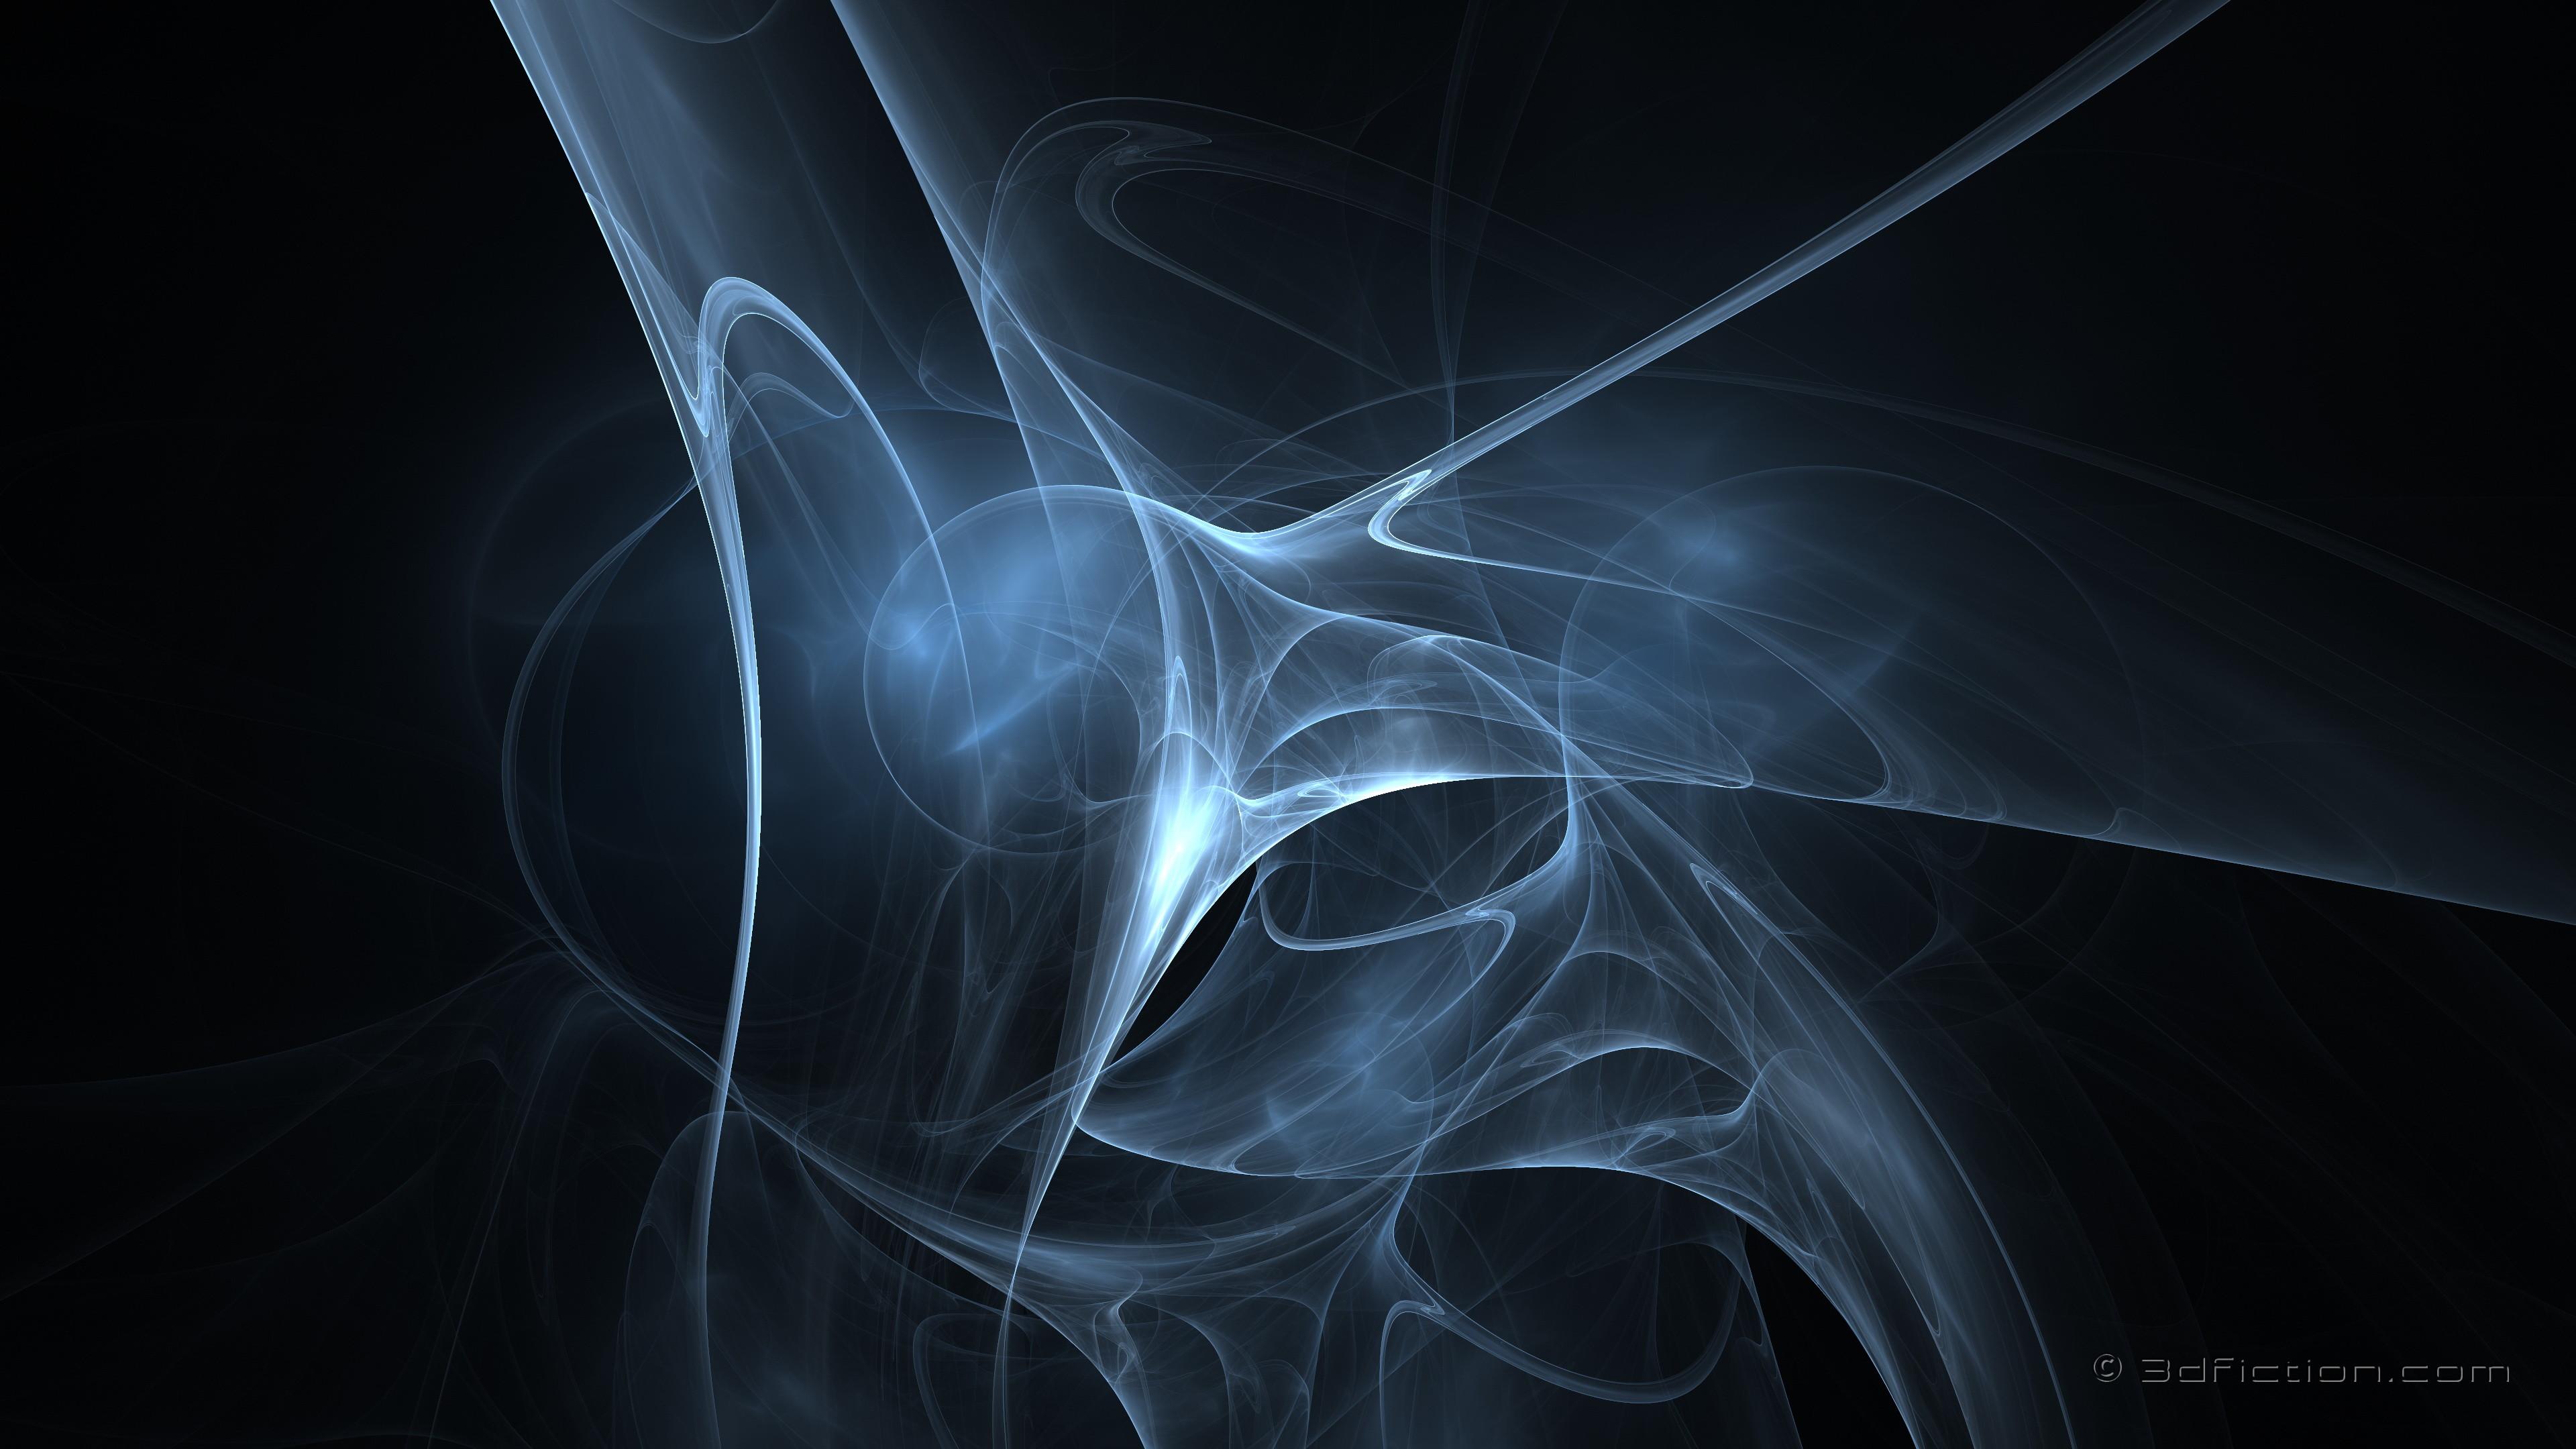 Abstract – Fractal 3D Wallpaper